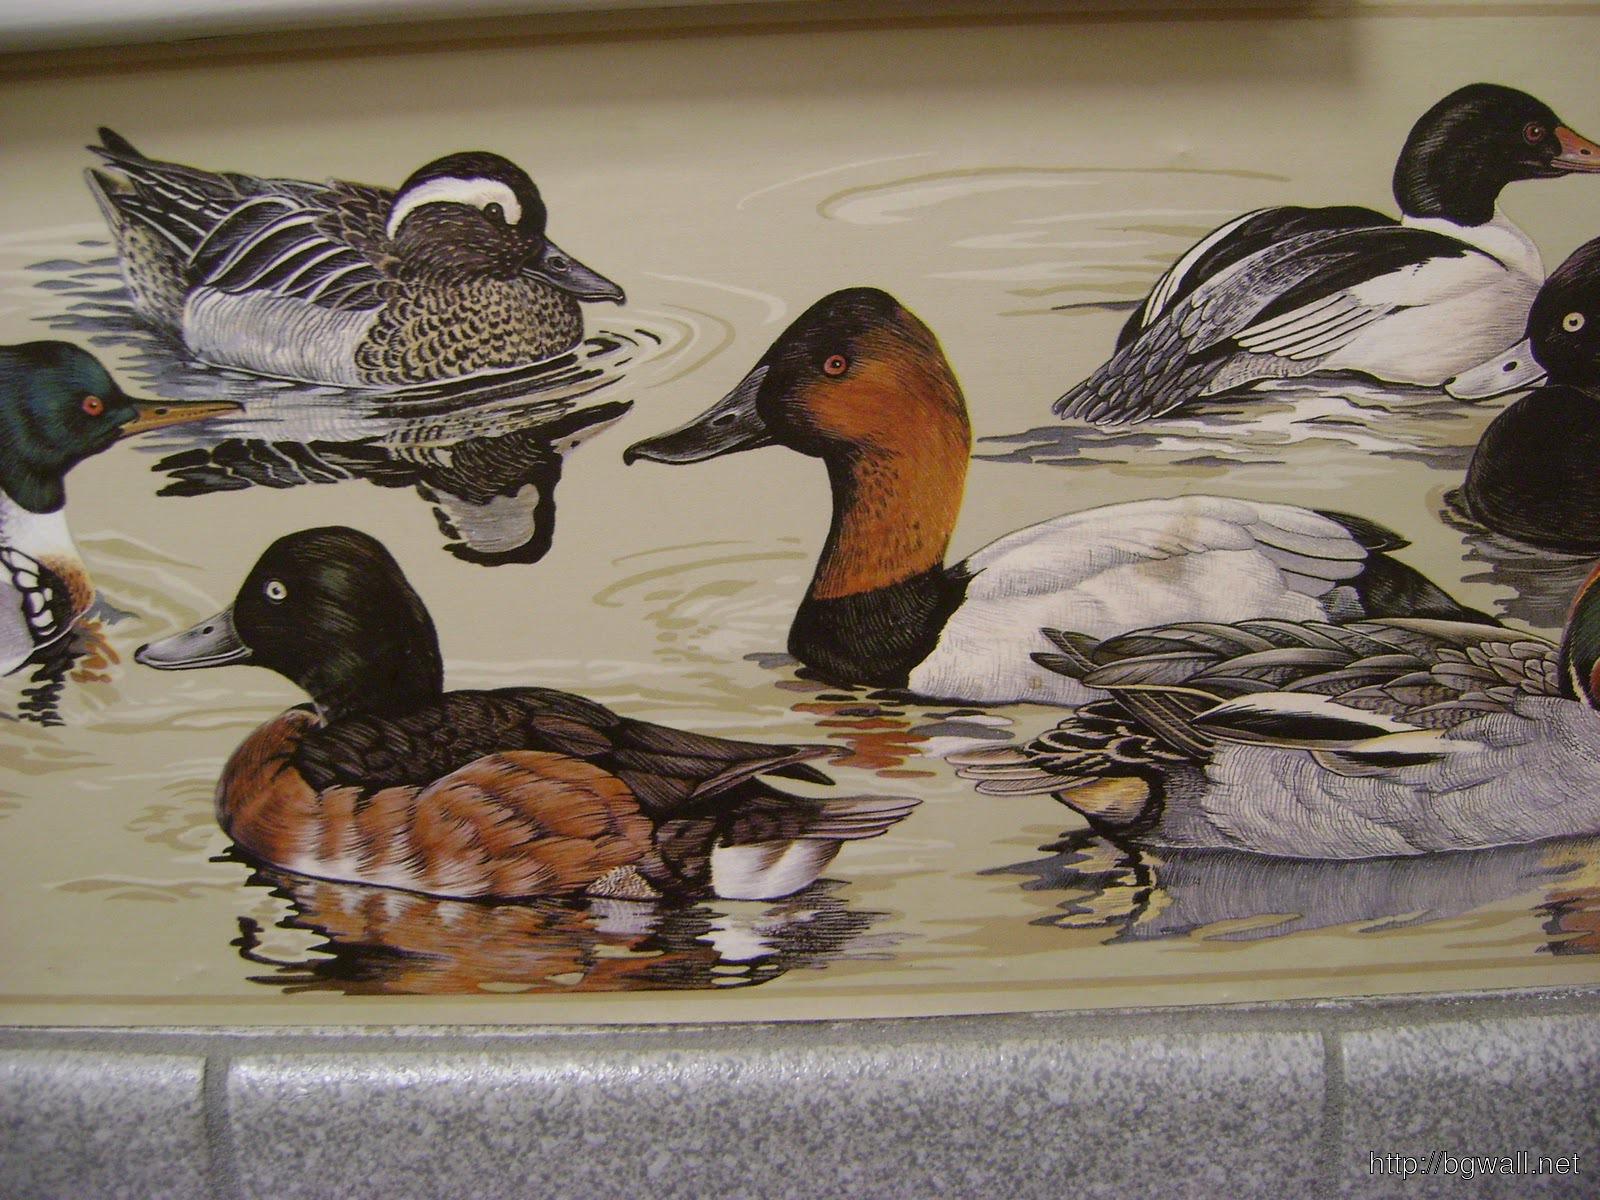 Bird Themed Wallpaper Background Wallpaper Hd